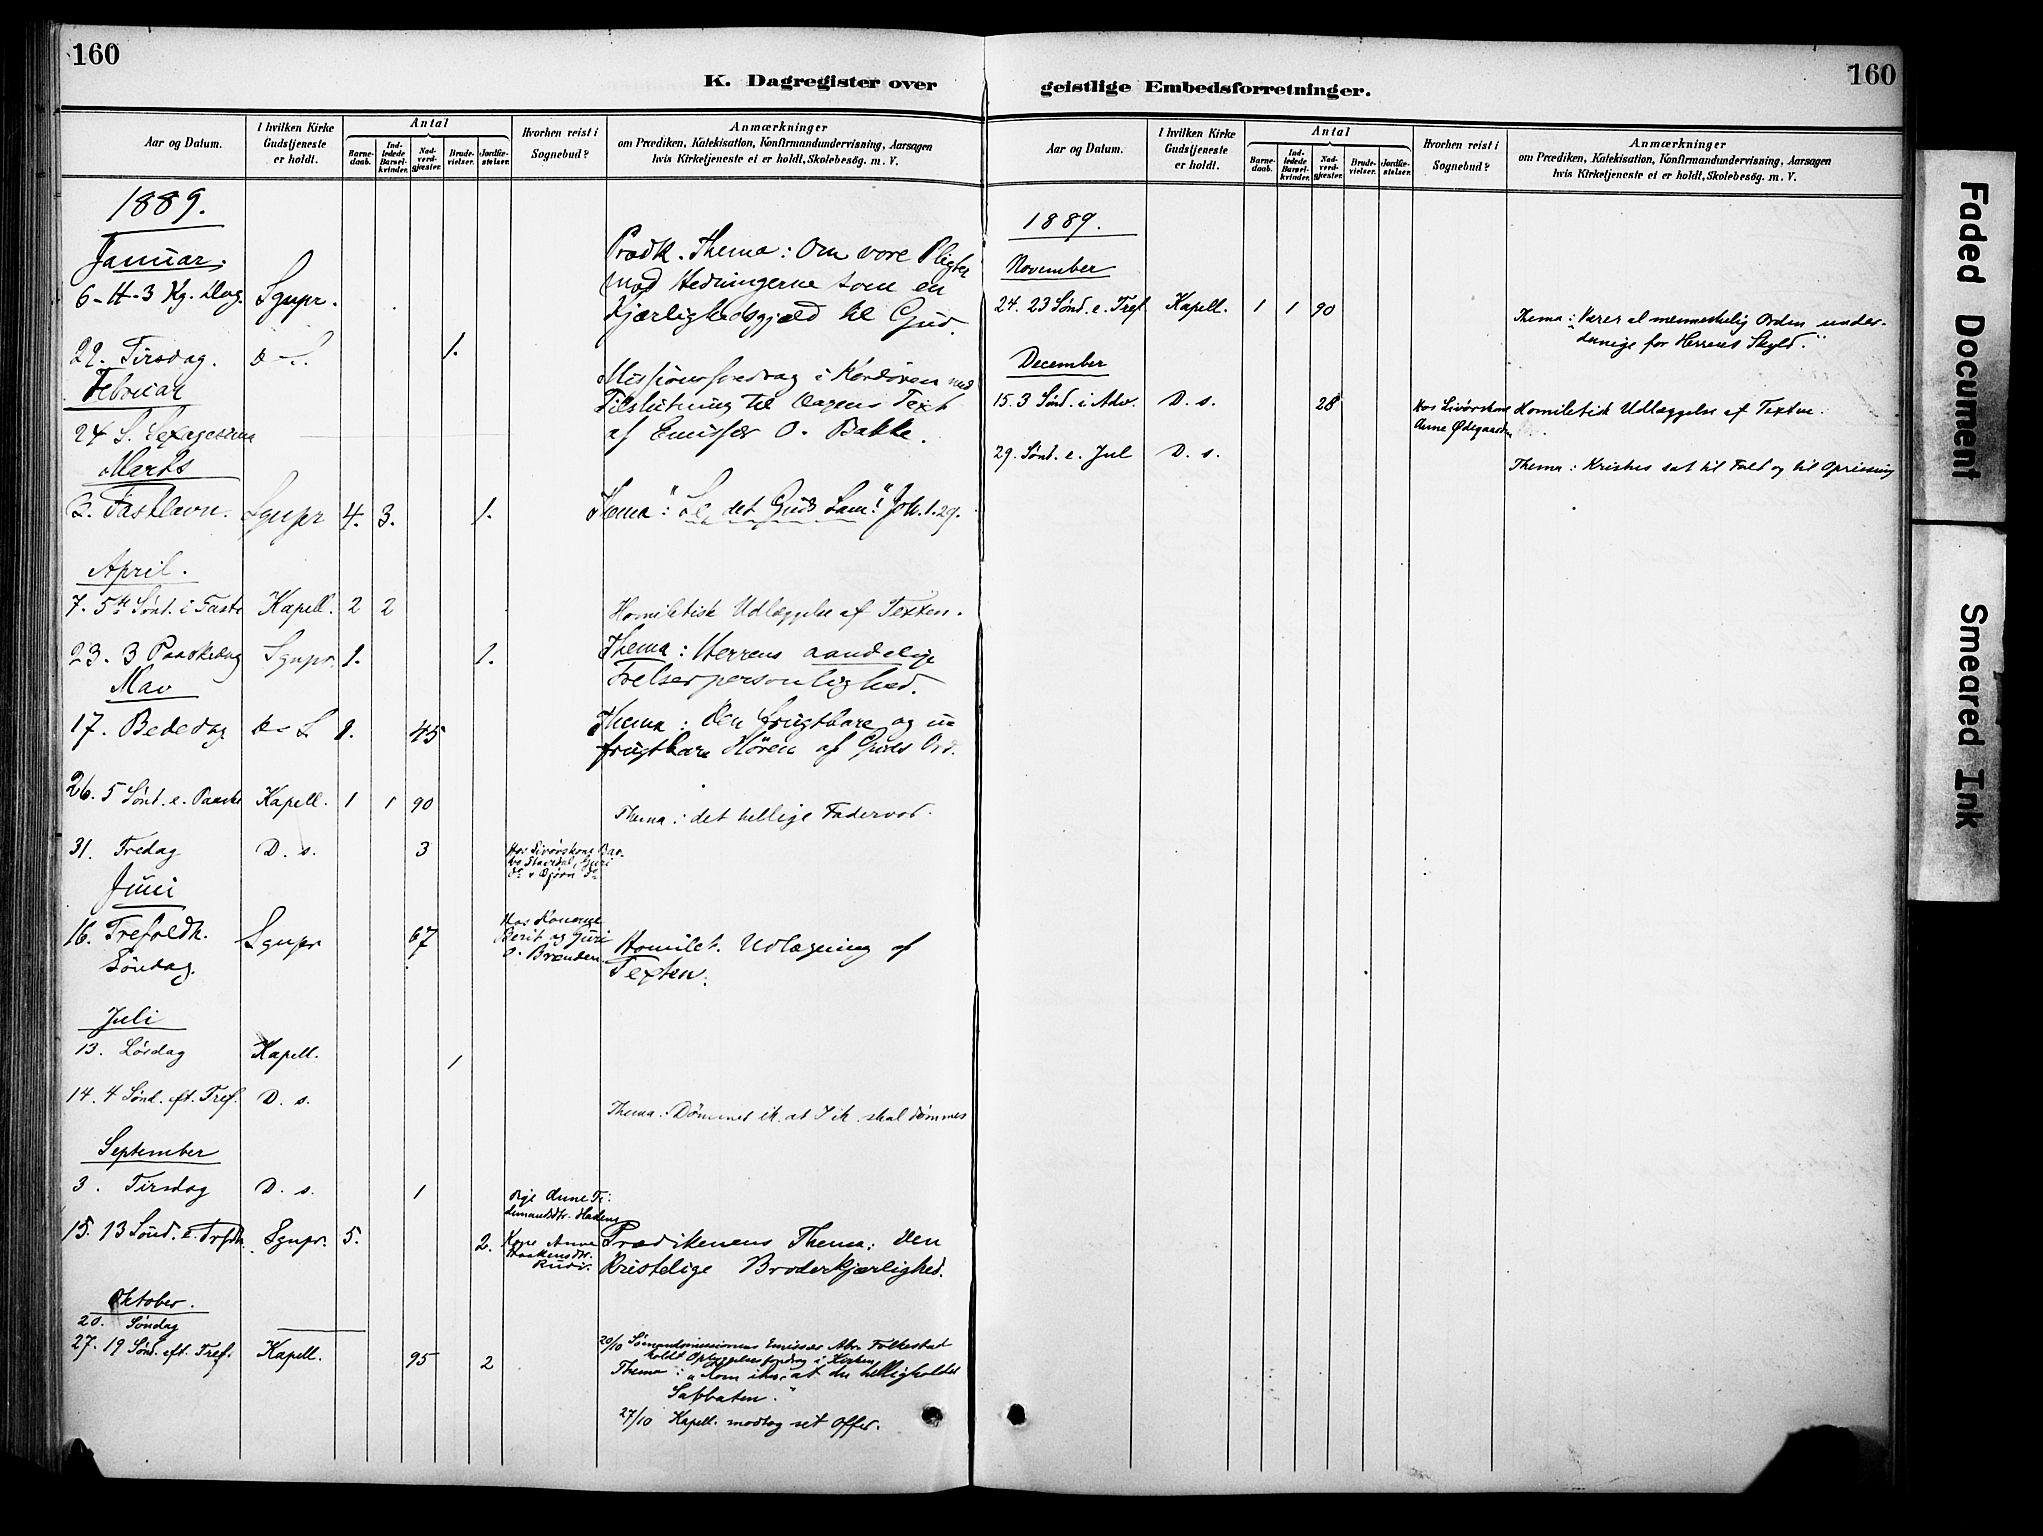 SAH, Sør-Aurdal prestekontor, Ministerialbok nr. 10, 1886-1906, s. 160